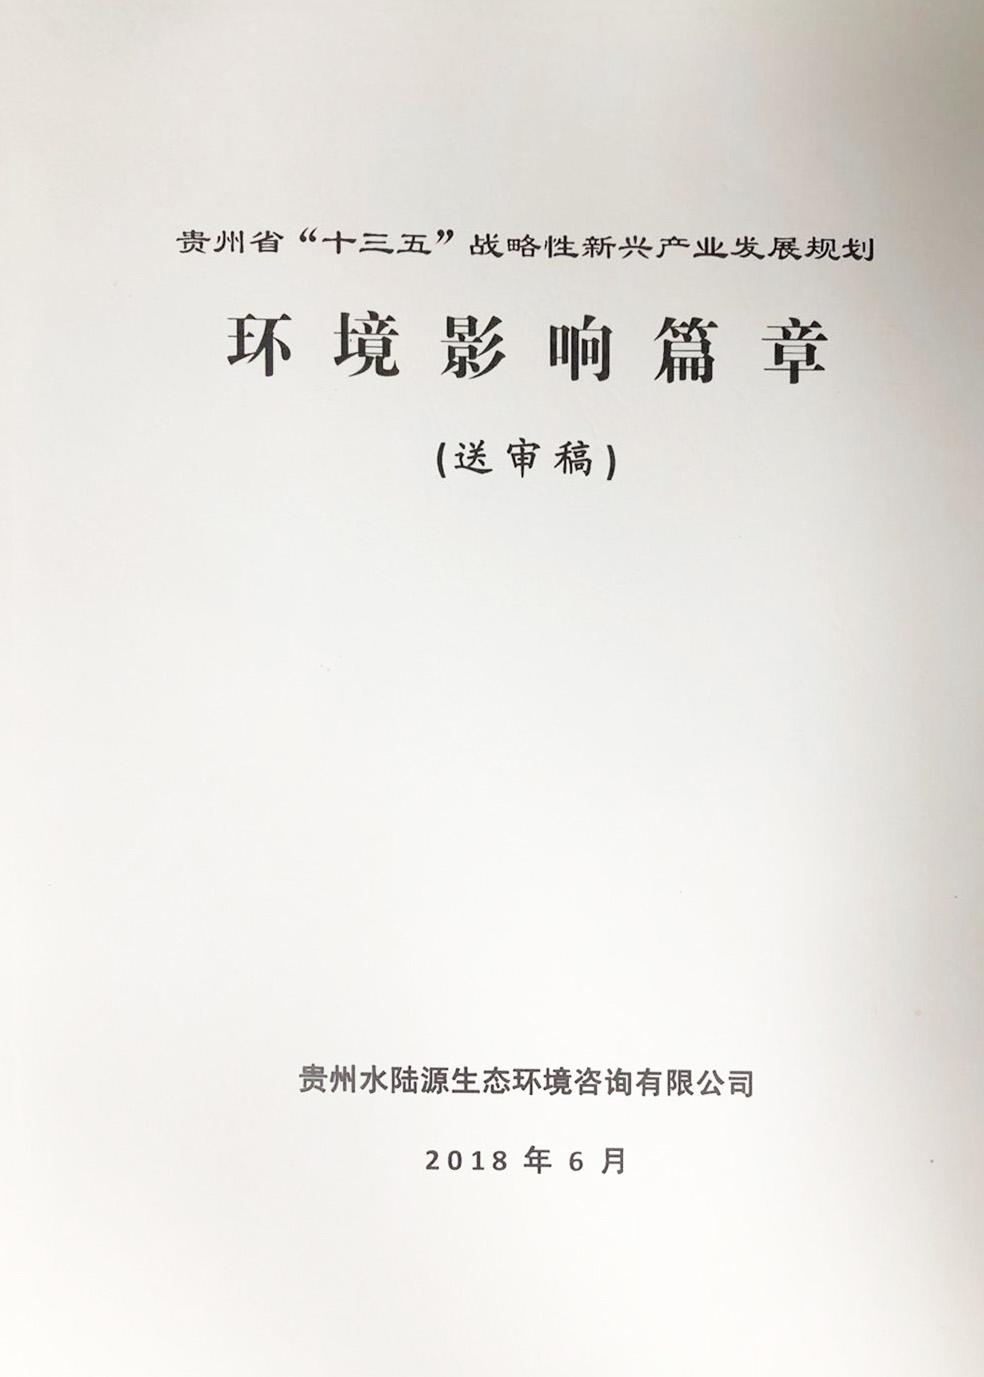 """贵州省""""十三五""""新兴产业发展规划:贝斯特516全球最奢华篇章"""